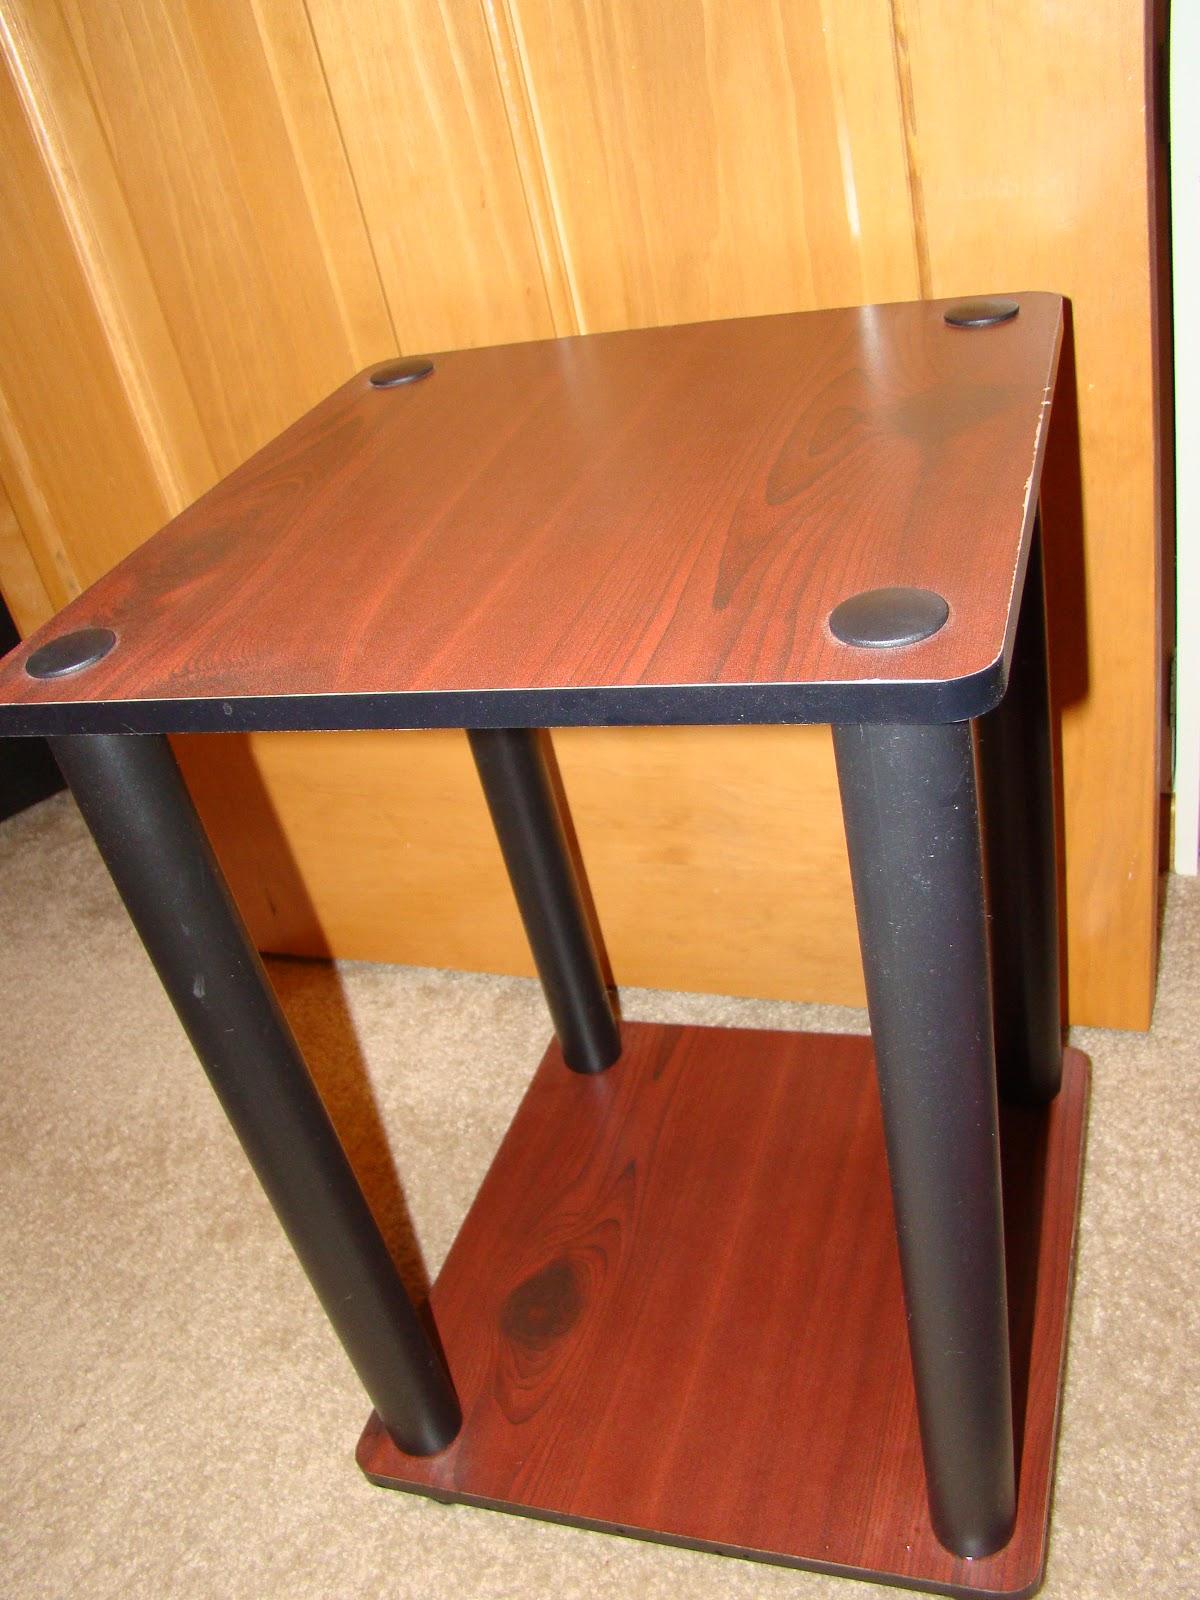 http://3.bp.blogspot.com/_XGtFDGrEiIM/TThh5taTeHI/AAAAAAAAAxo/8GGgEngca5k/s1600/Table+Before.jpg